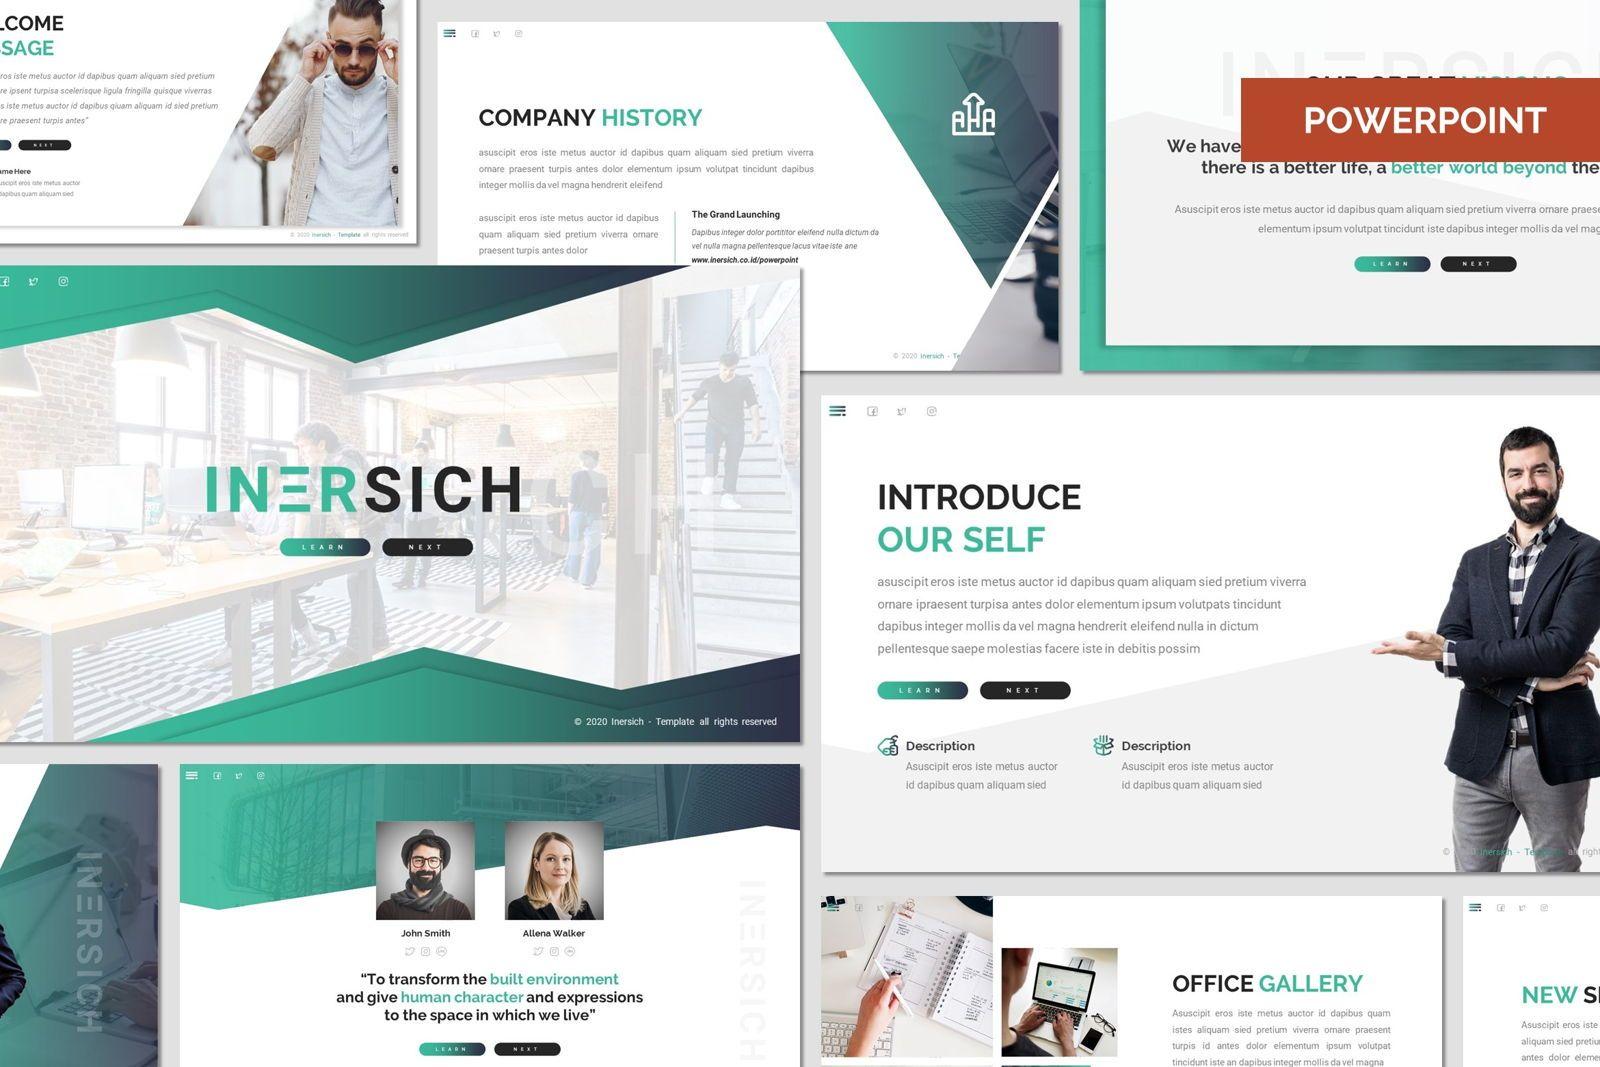 Inersich - Powerpoint Template, 08032, Presentation Templates — PoweredTemplate.com